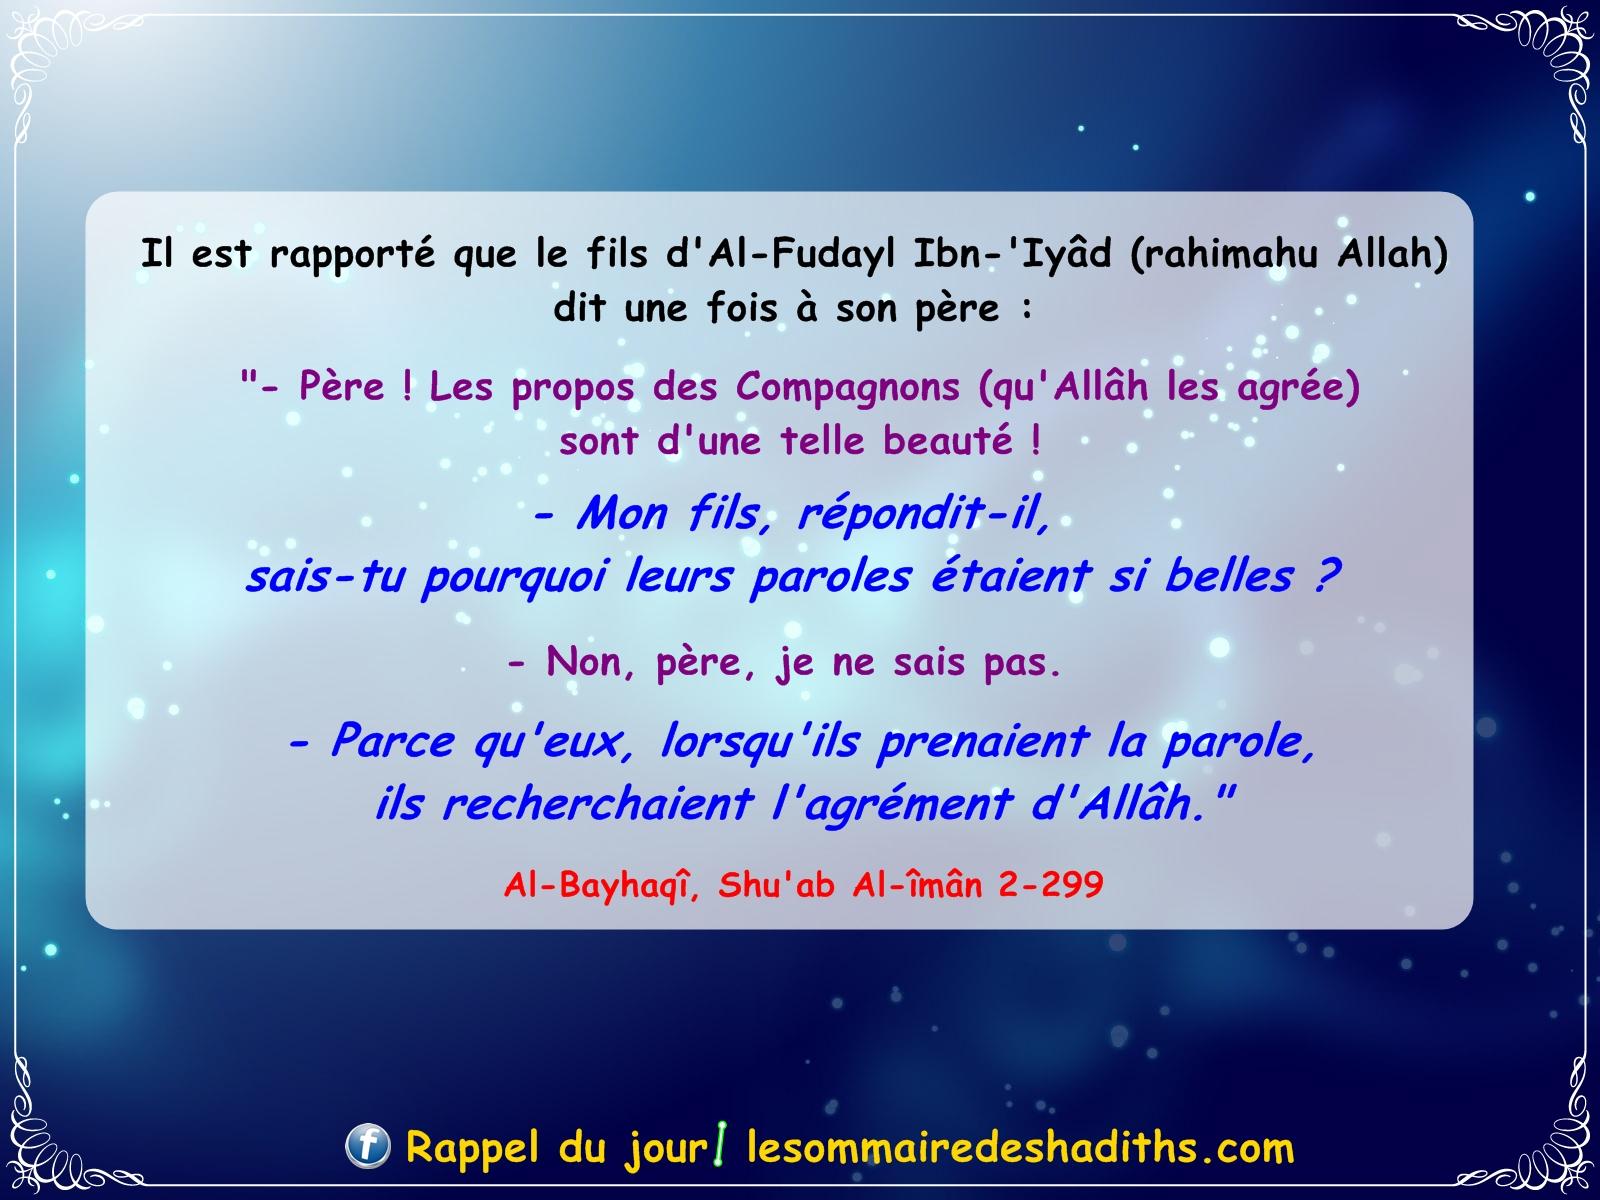 Al-Fudayl Ibn-'Iyâd - Les compagnons recherchaient l'agrément d'Allah